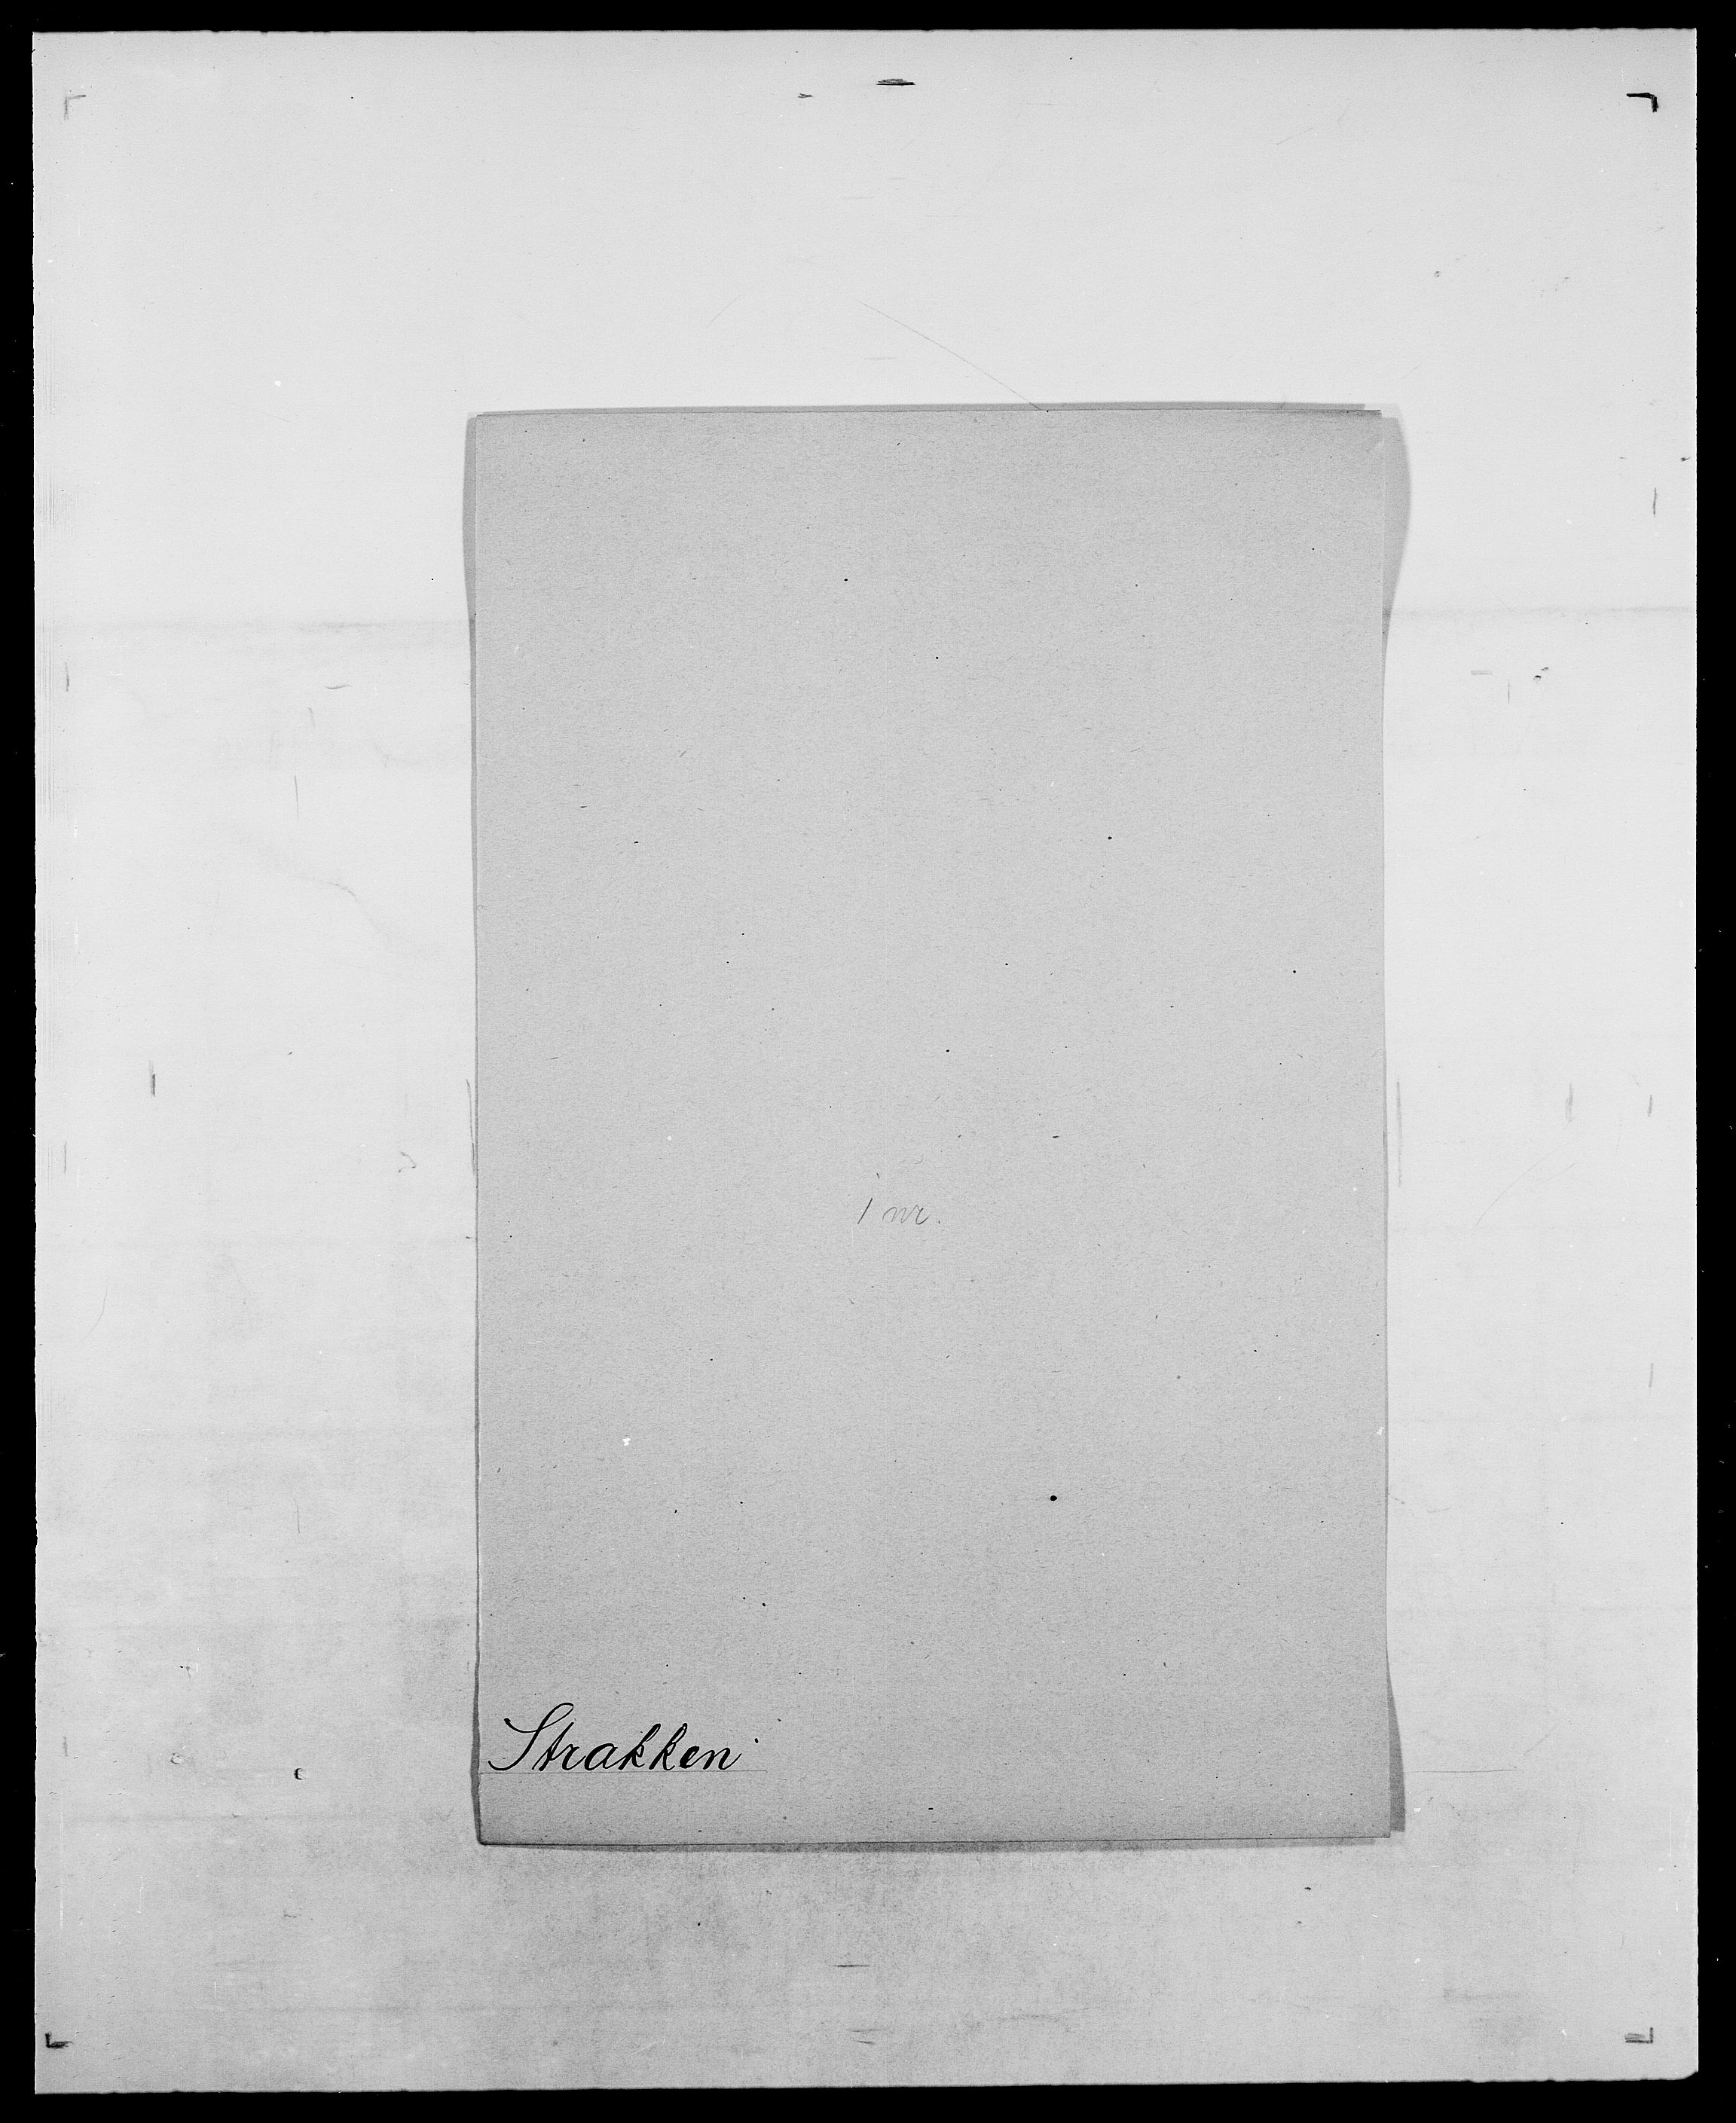 SAO, Delgobe, Charles Antoine - samling, D/Da/L0037: Steen, Sthen, Stein - Svare, Svanige, Svanne, se også Svanning og Schwane, s. 553